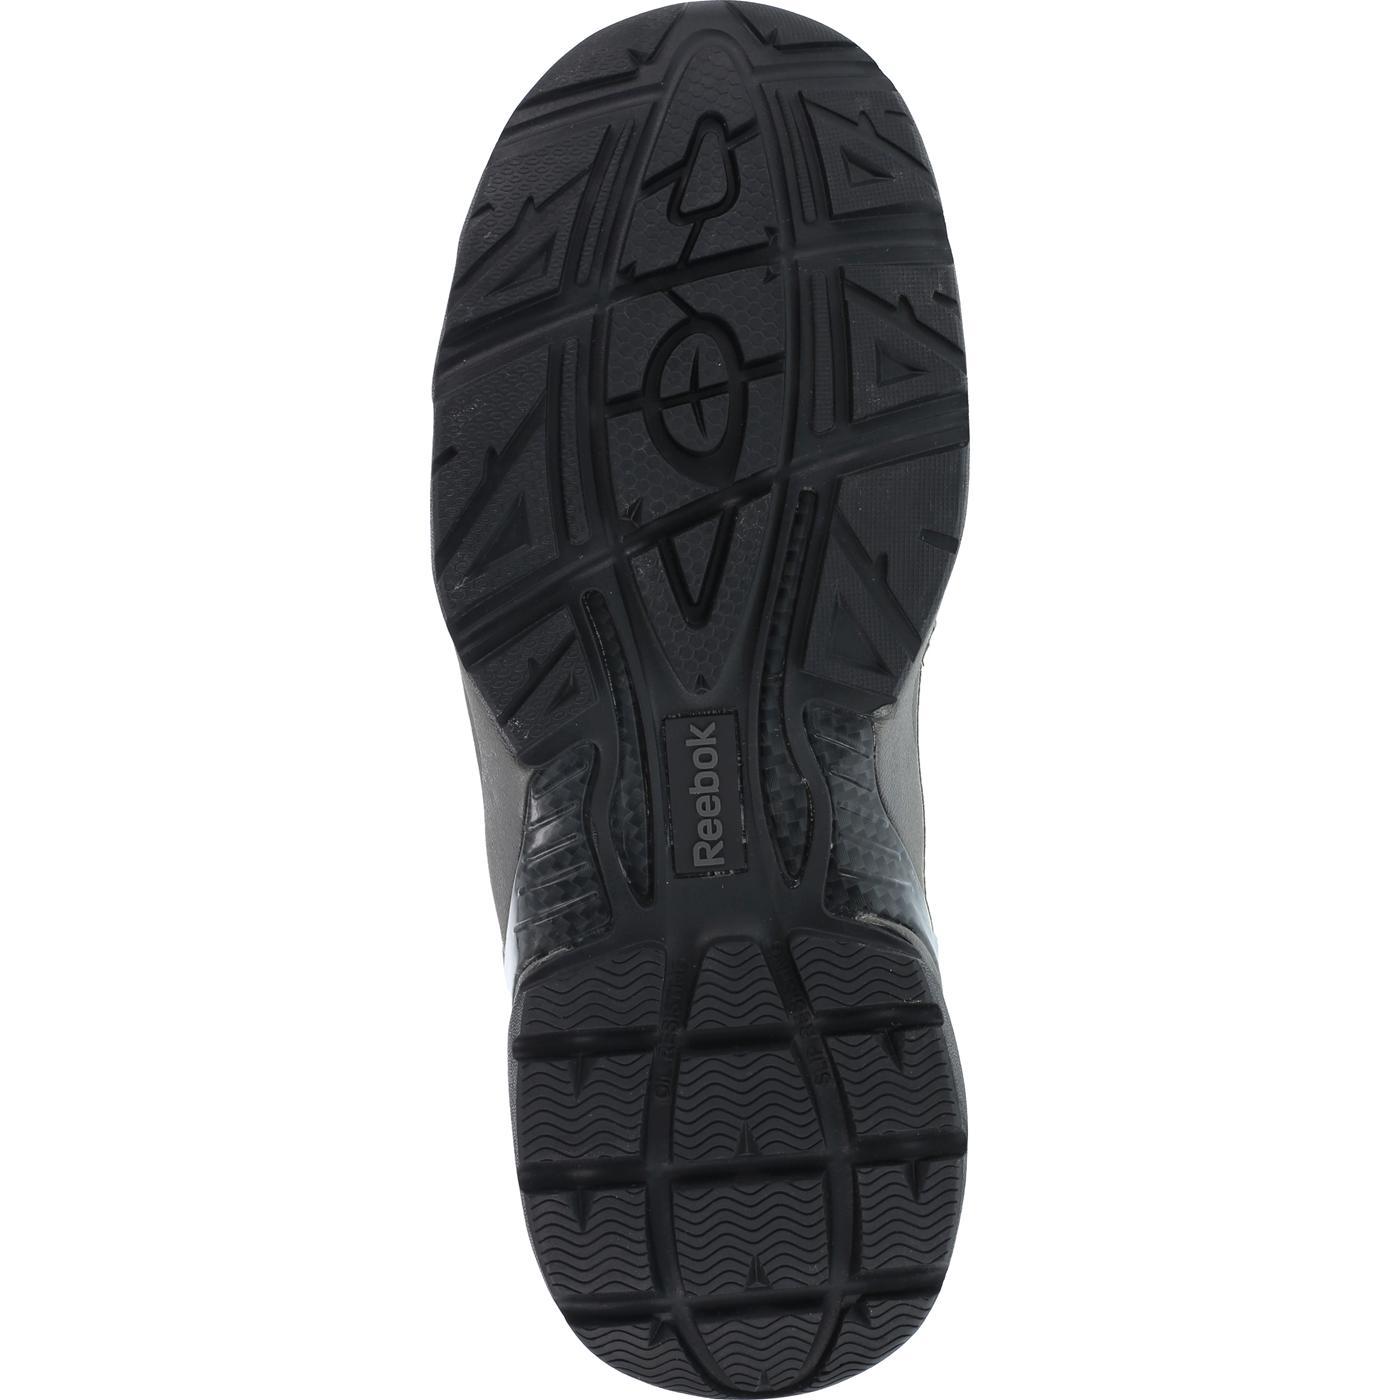 Images. Reebok Beamer Composite Toe Internal Met Guard Waterproof Work  Hiker a8ffc55db